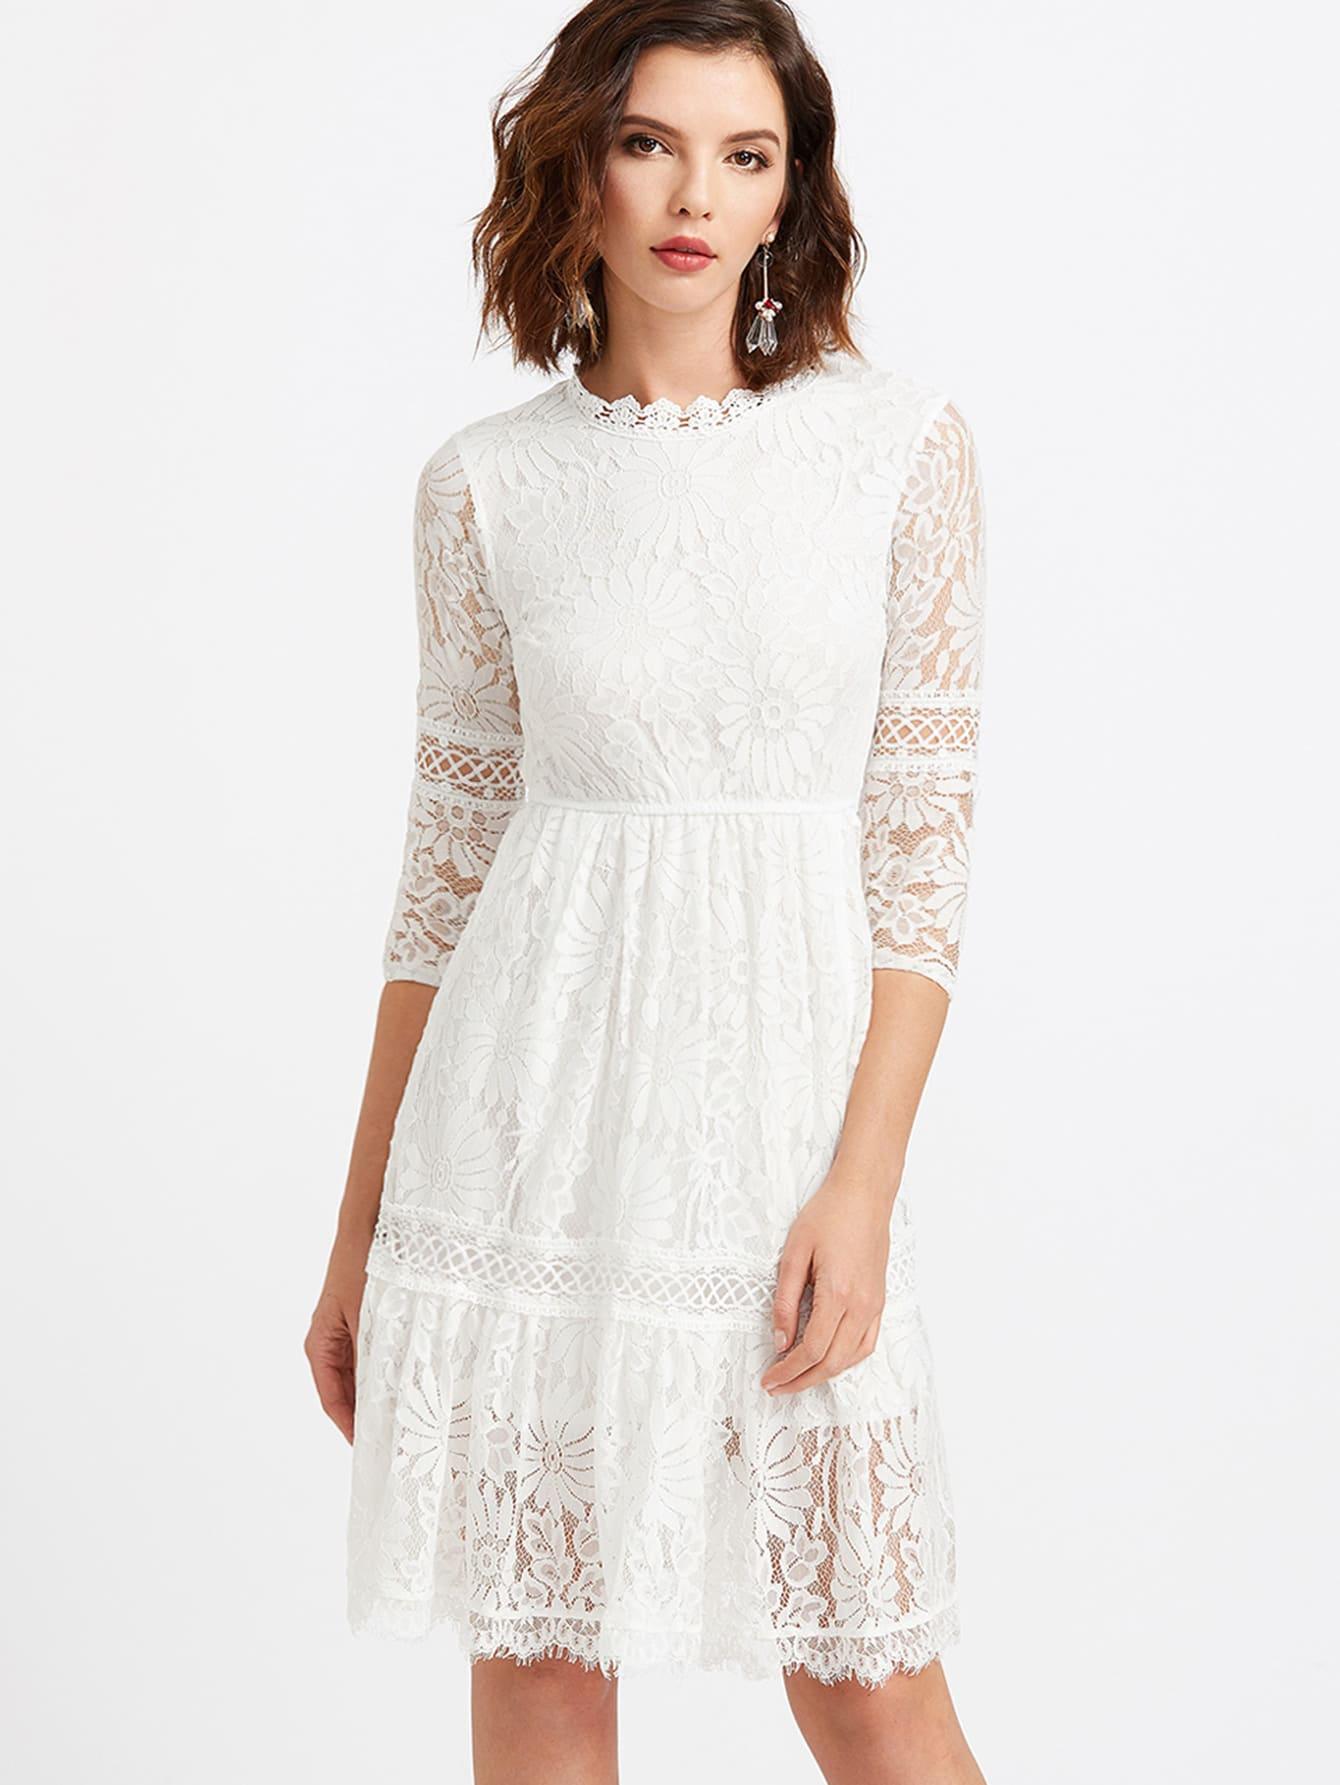 dress170302107_2